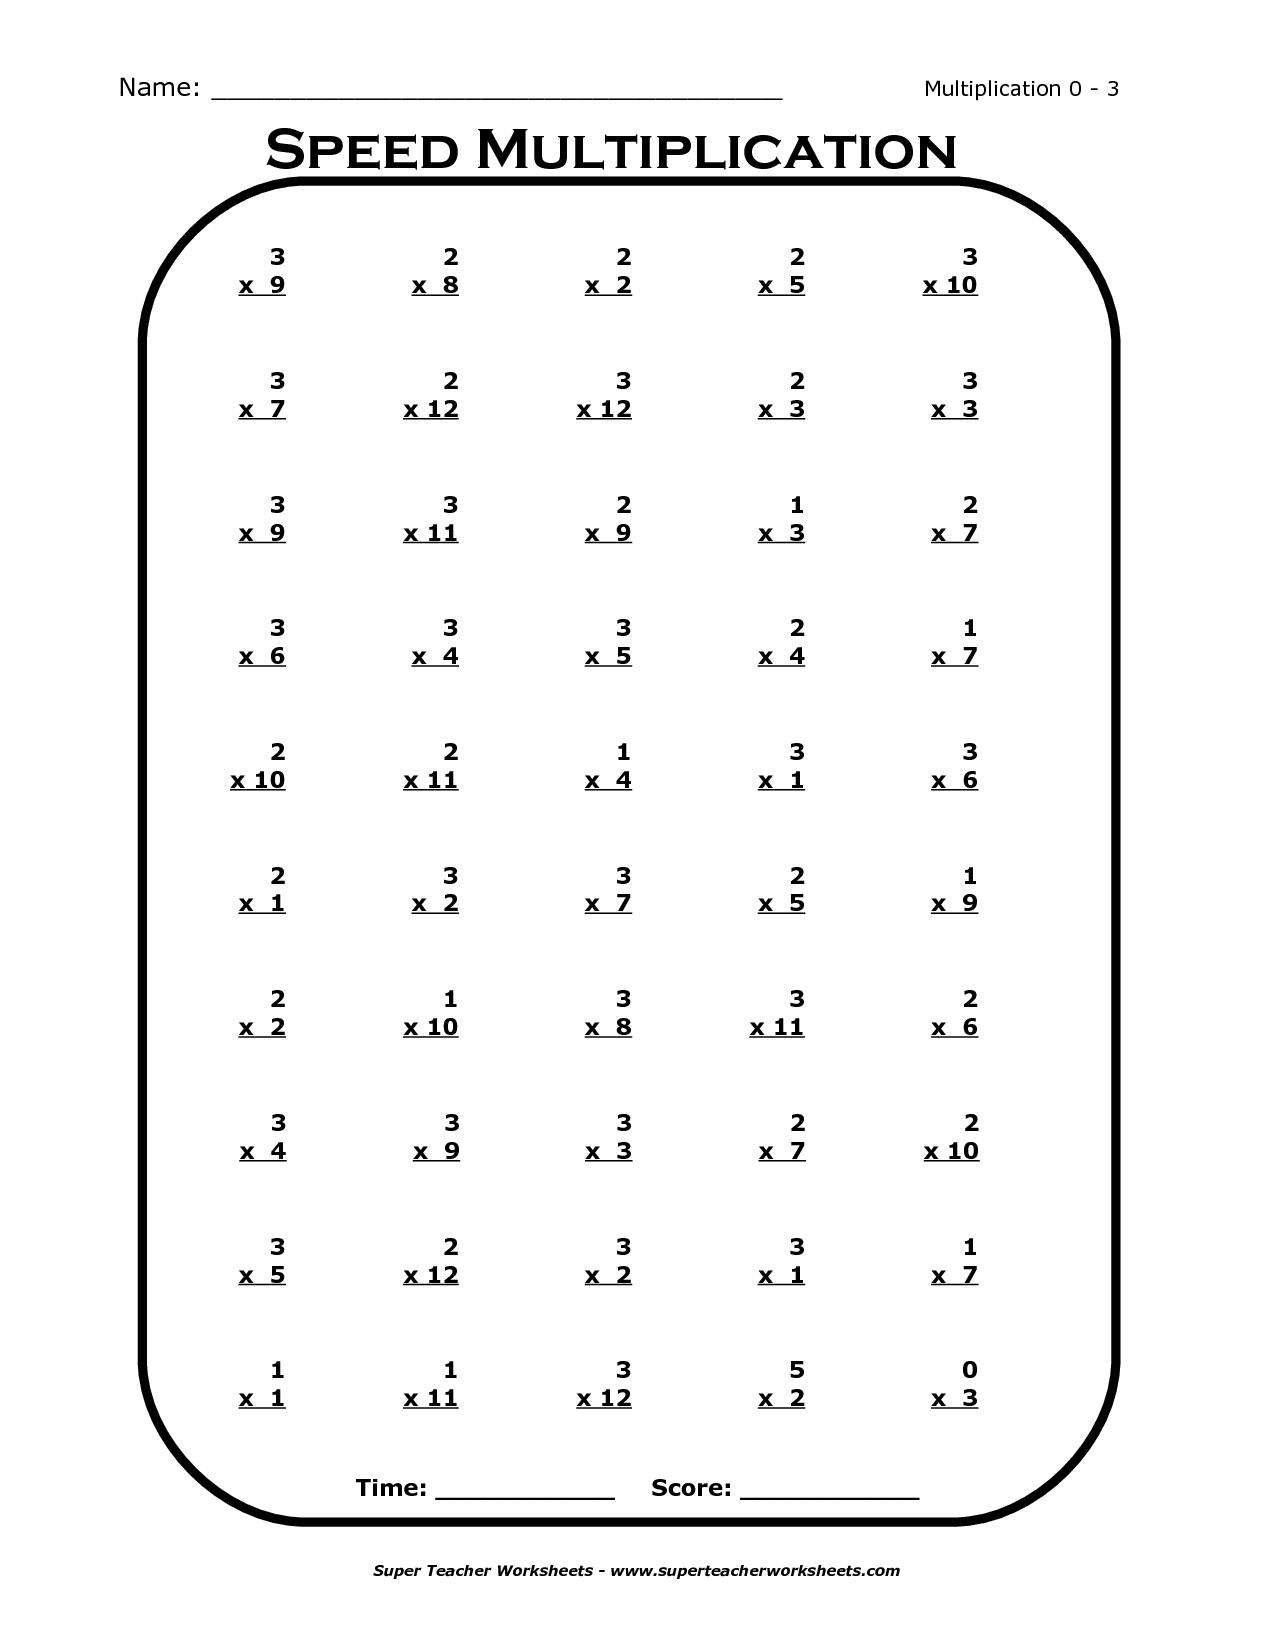 Basic Multiplication Table Worksheets   Super Teacher